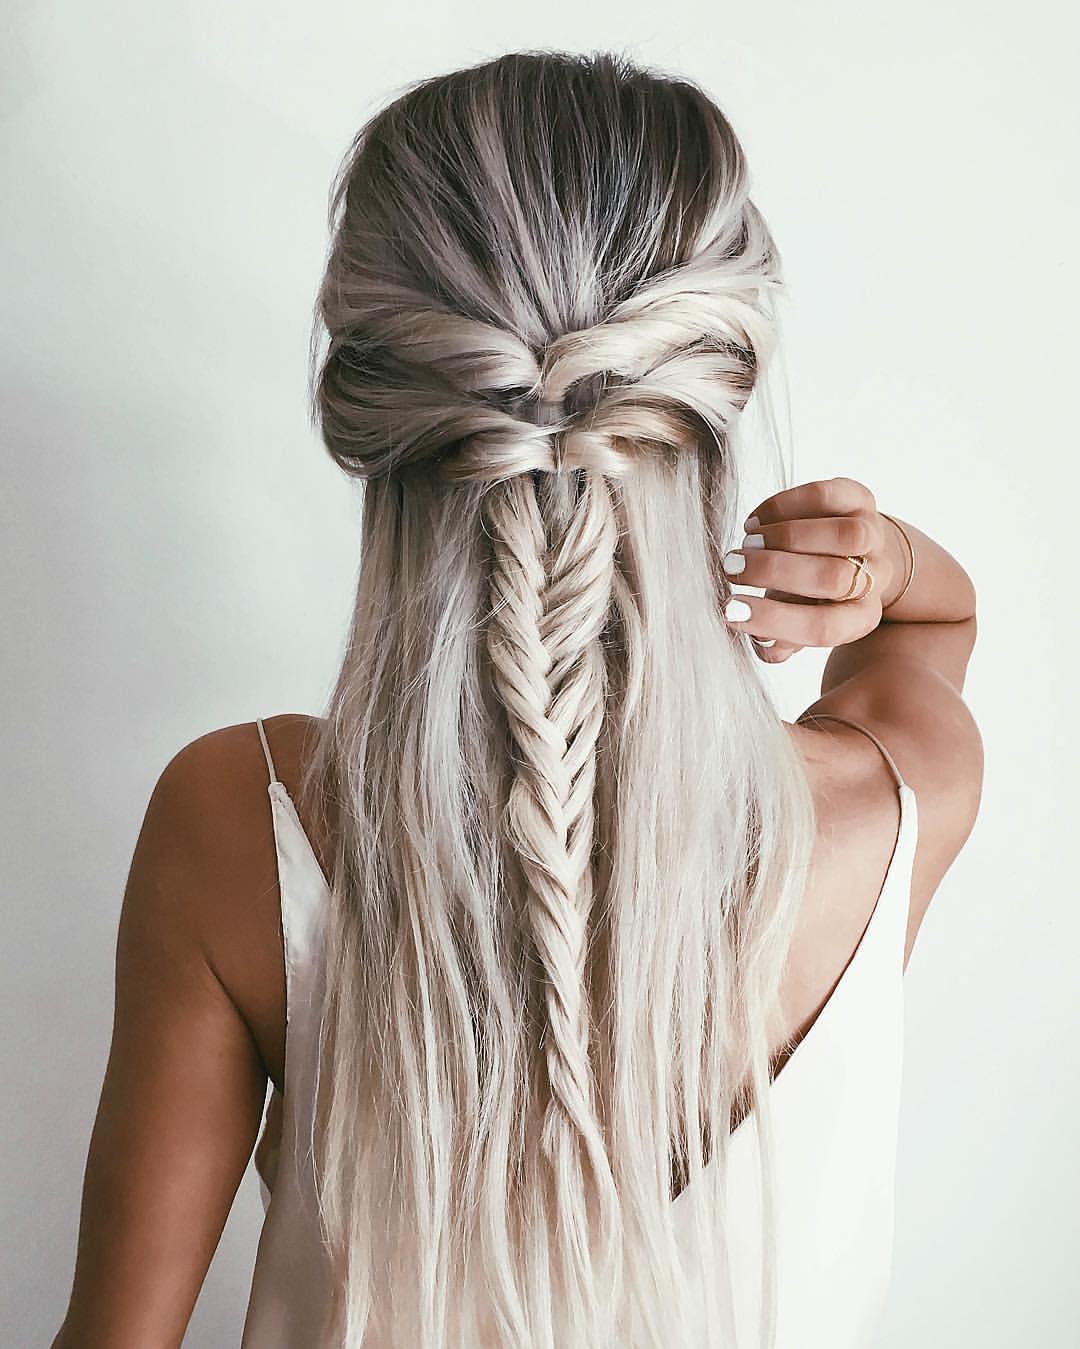 красивые и легкие прически: коса на распущенных волосах